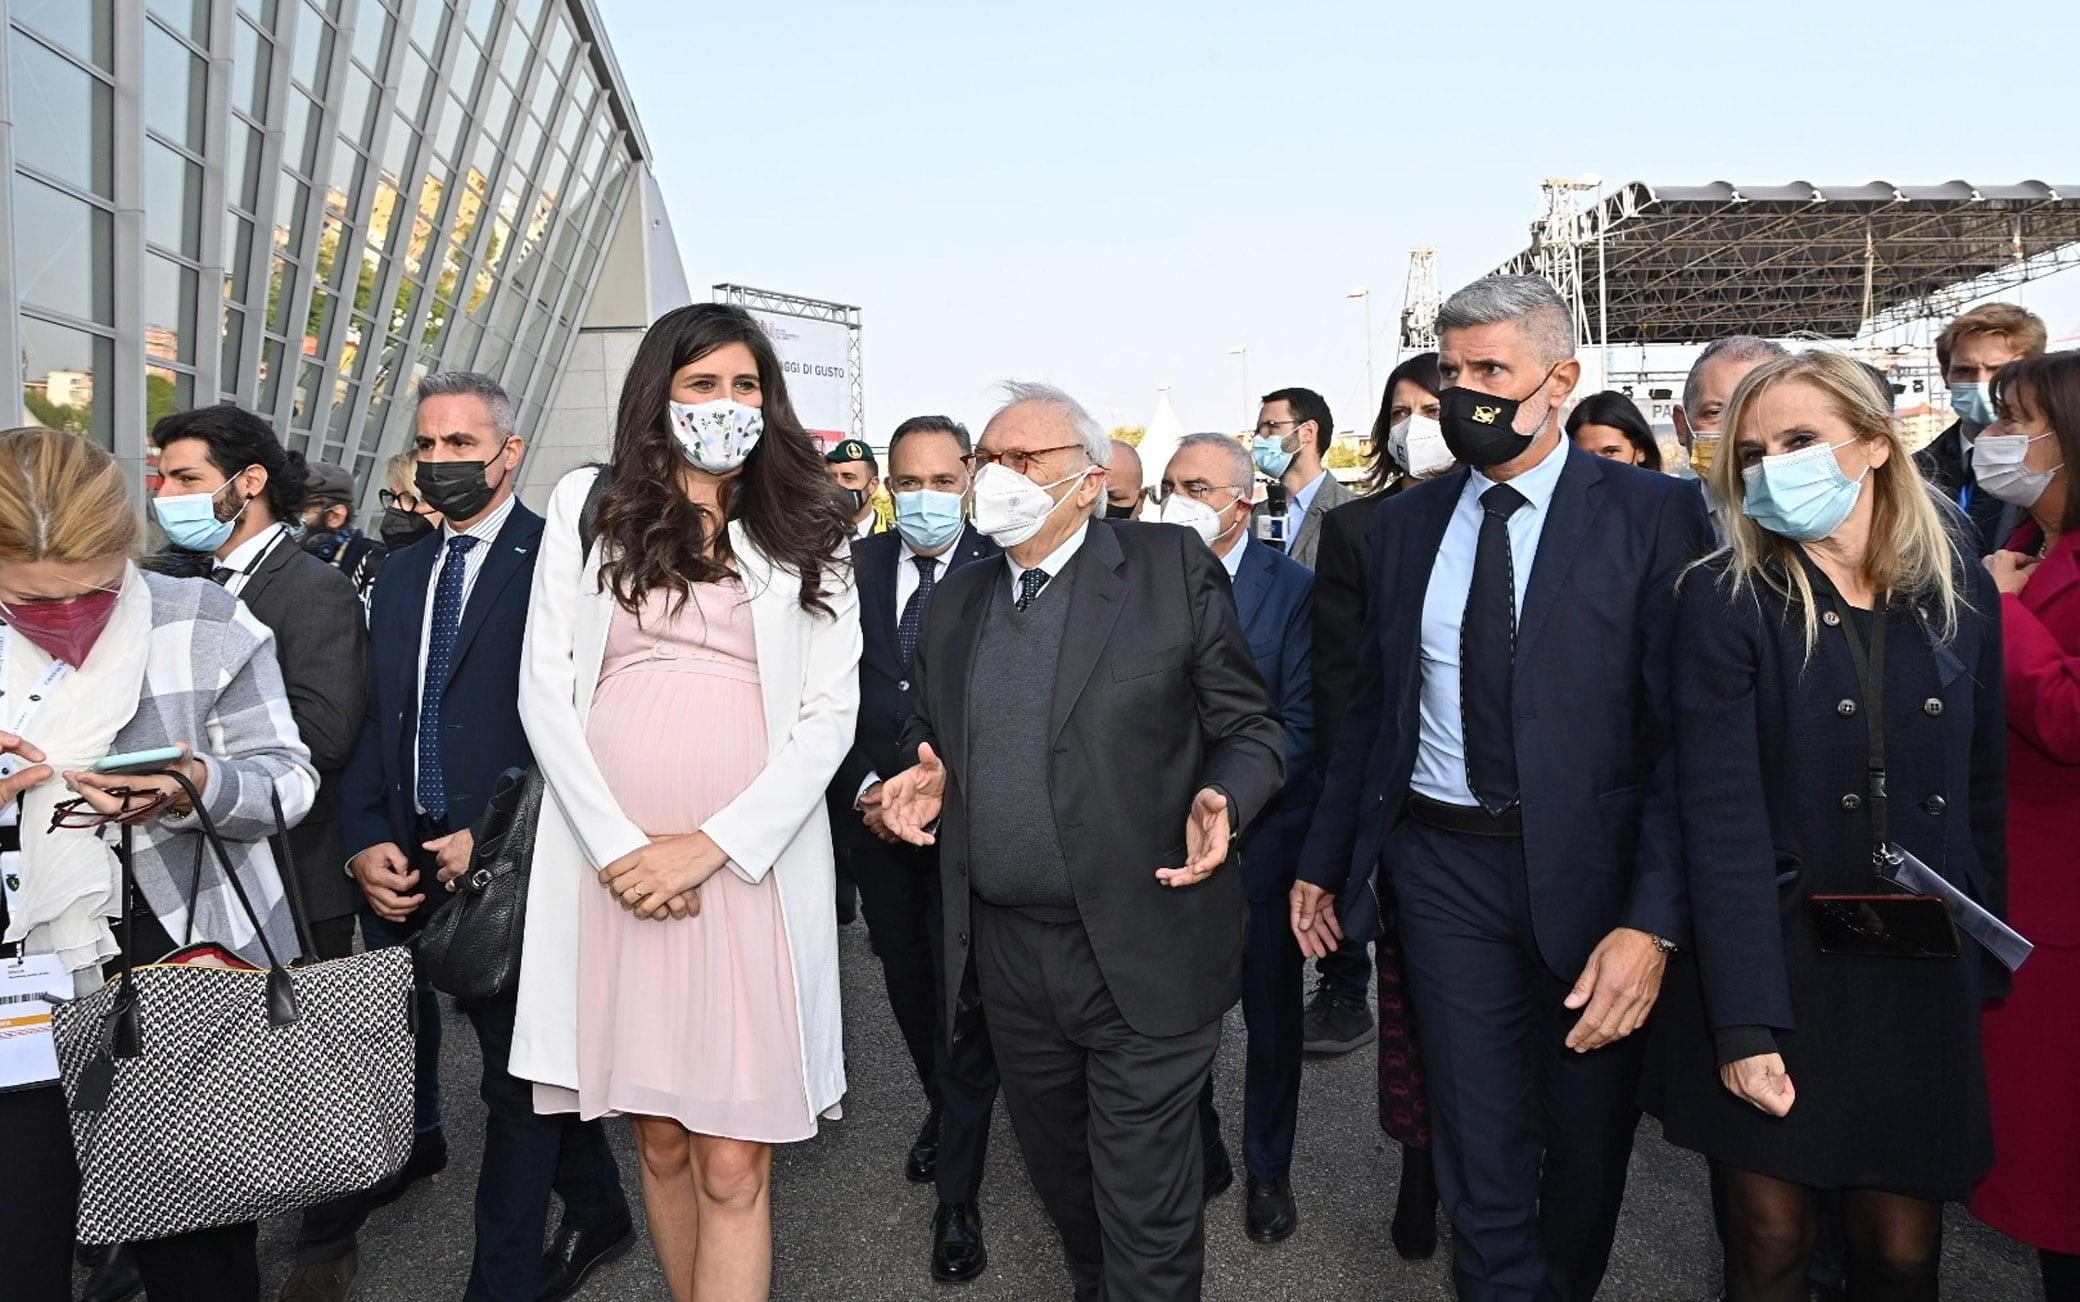 Inaugurazione del XXXIII Salone internazionale del libro di Torino presso il Lingotto, Torino, 14 ottobre 2021. ANSA/ALESSANDRO DI MARCO